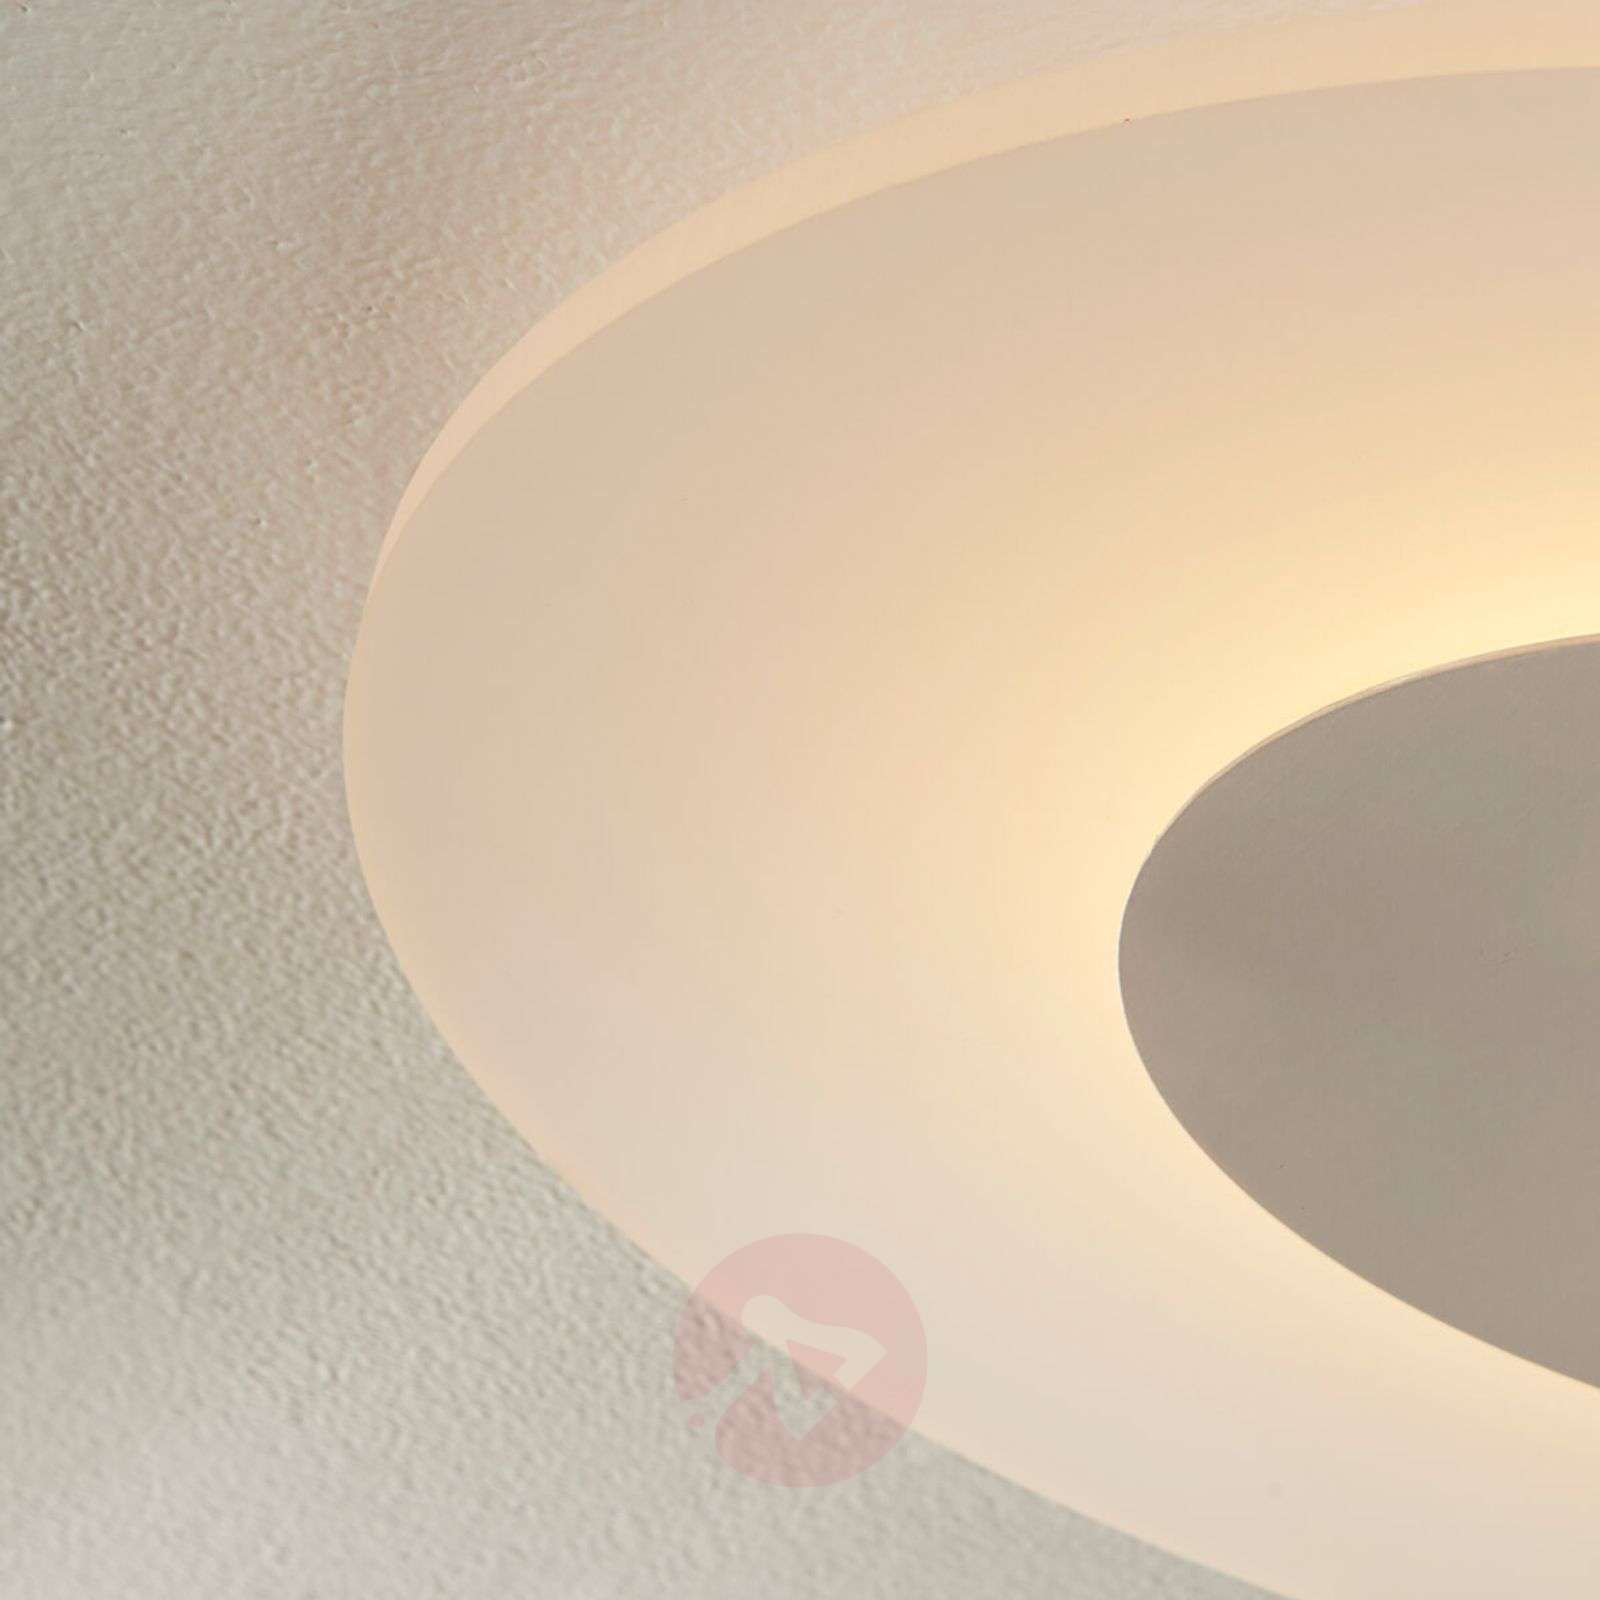 Sosvin round LED ceiling light-9621077-01